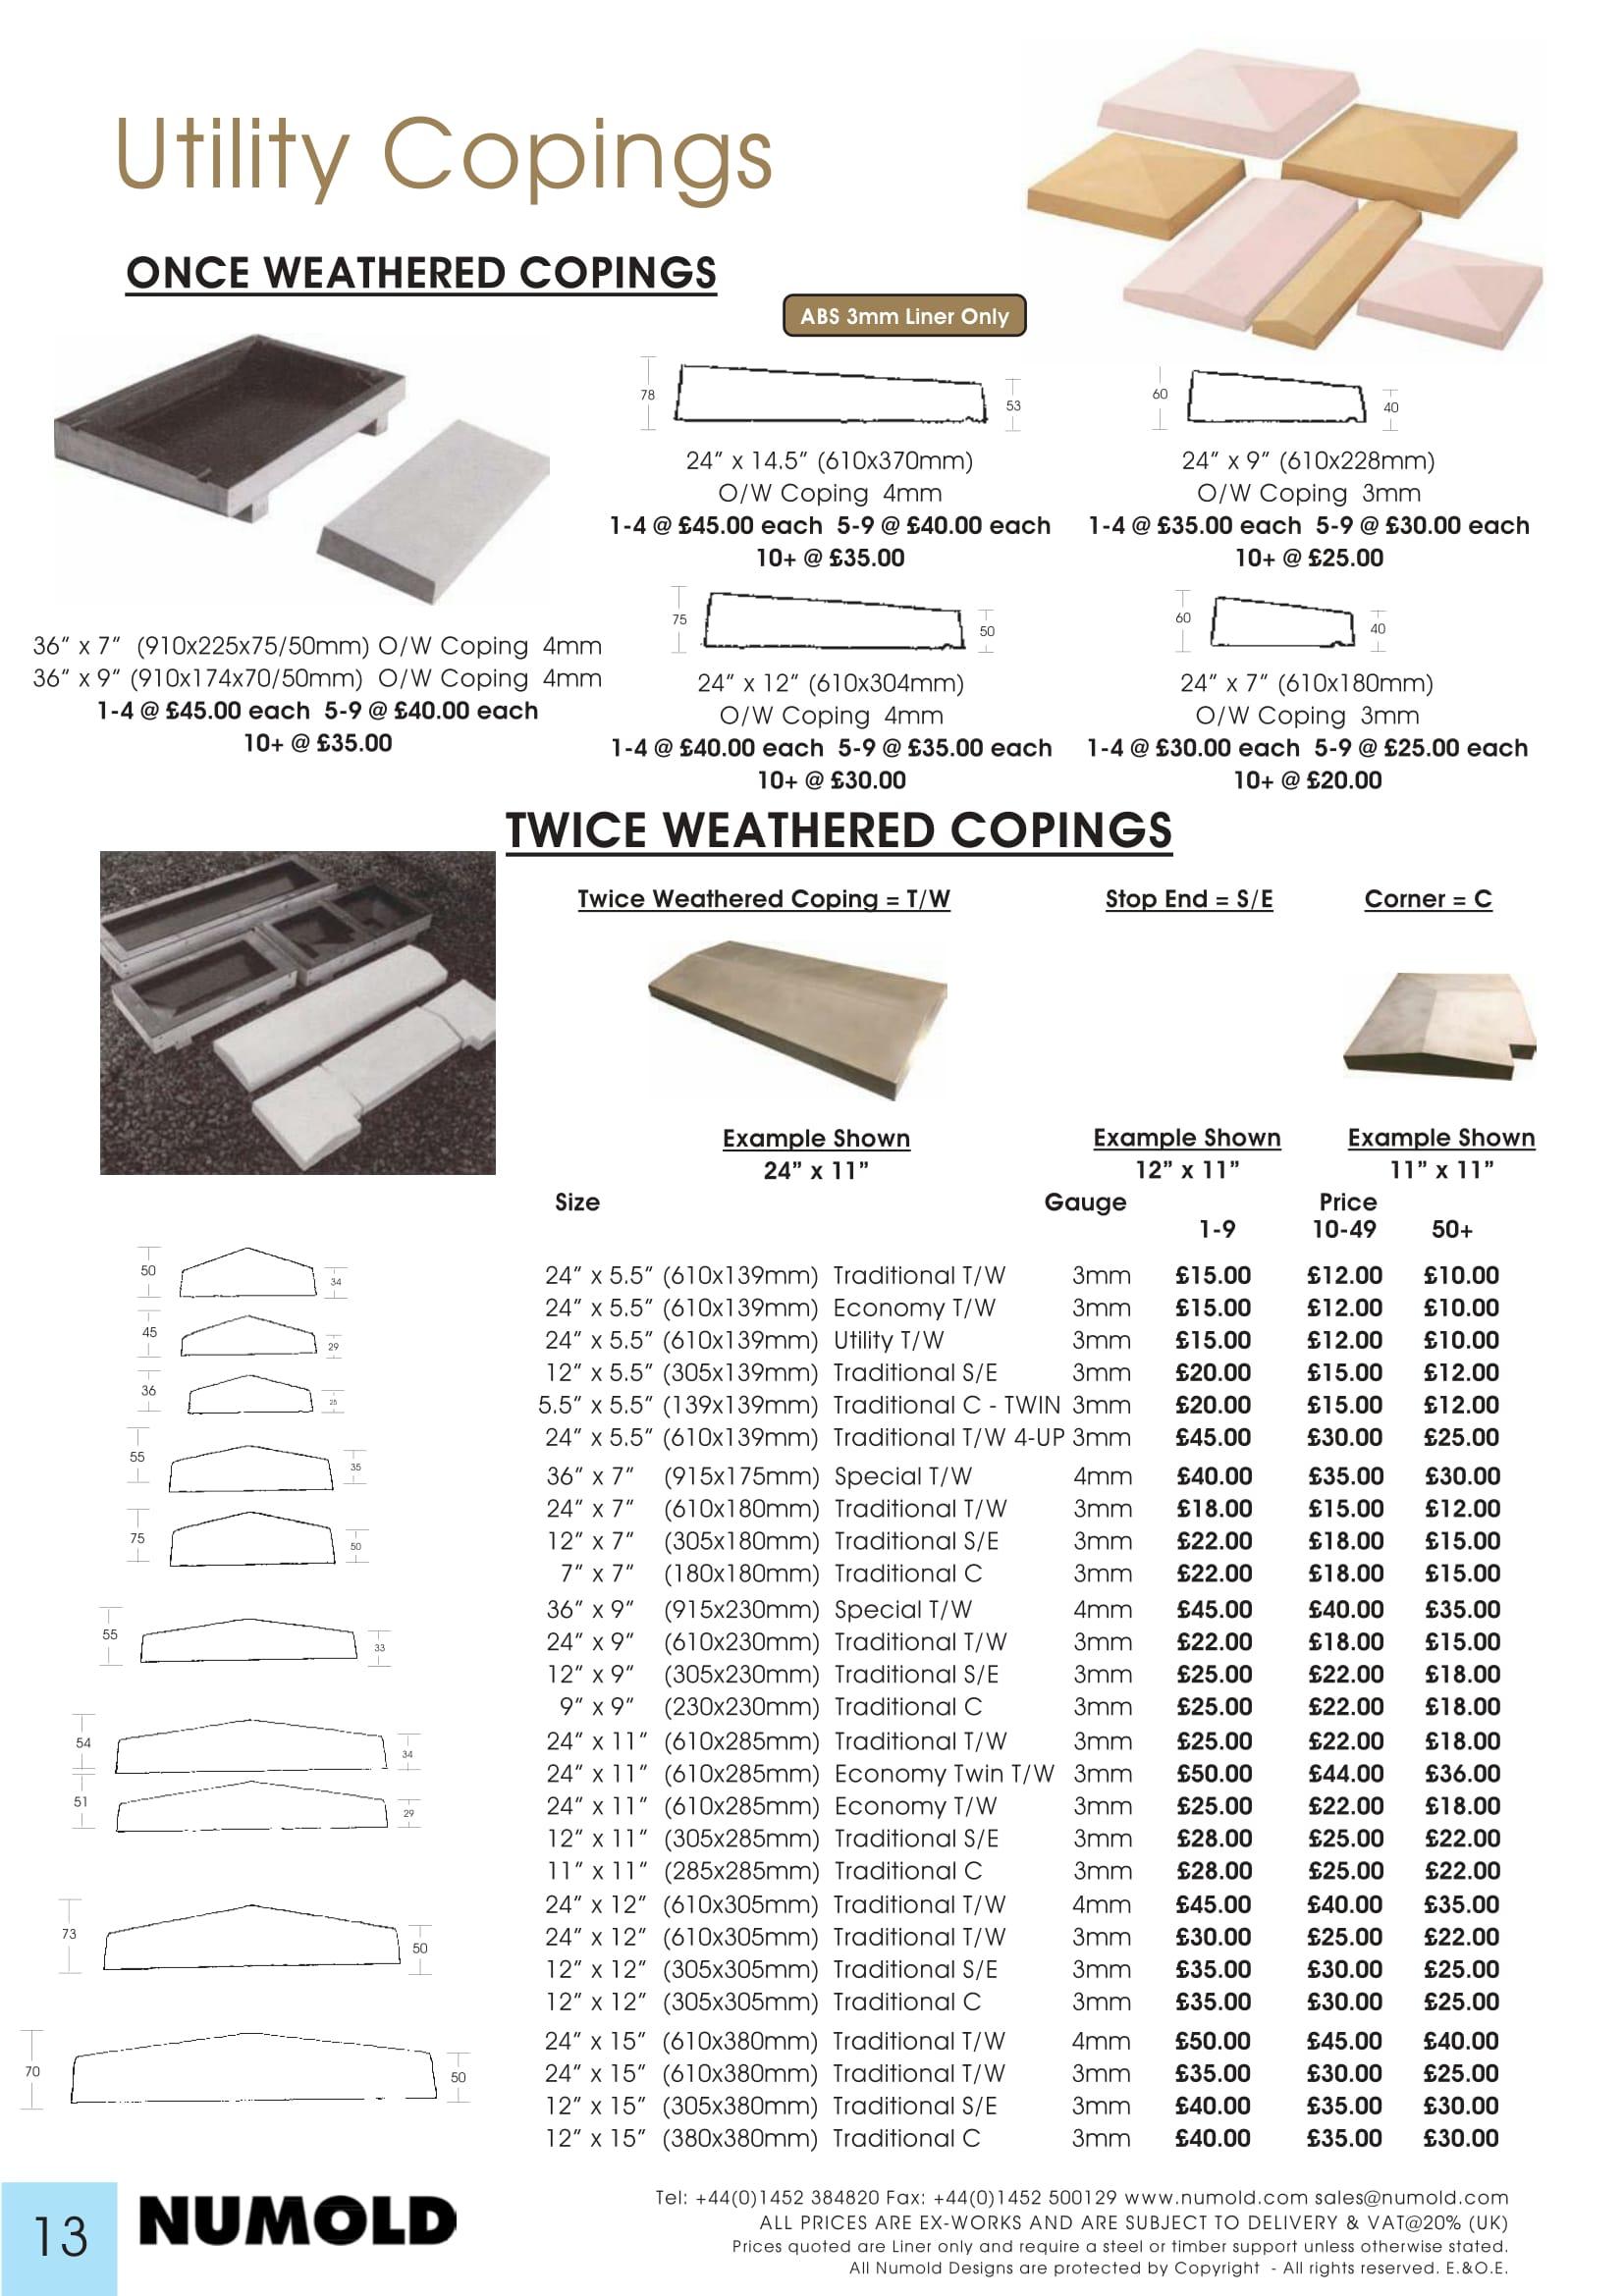 Numold-2017-Price-List-18